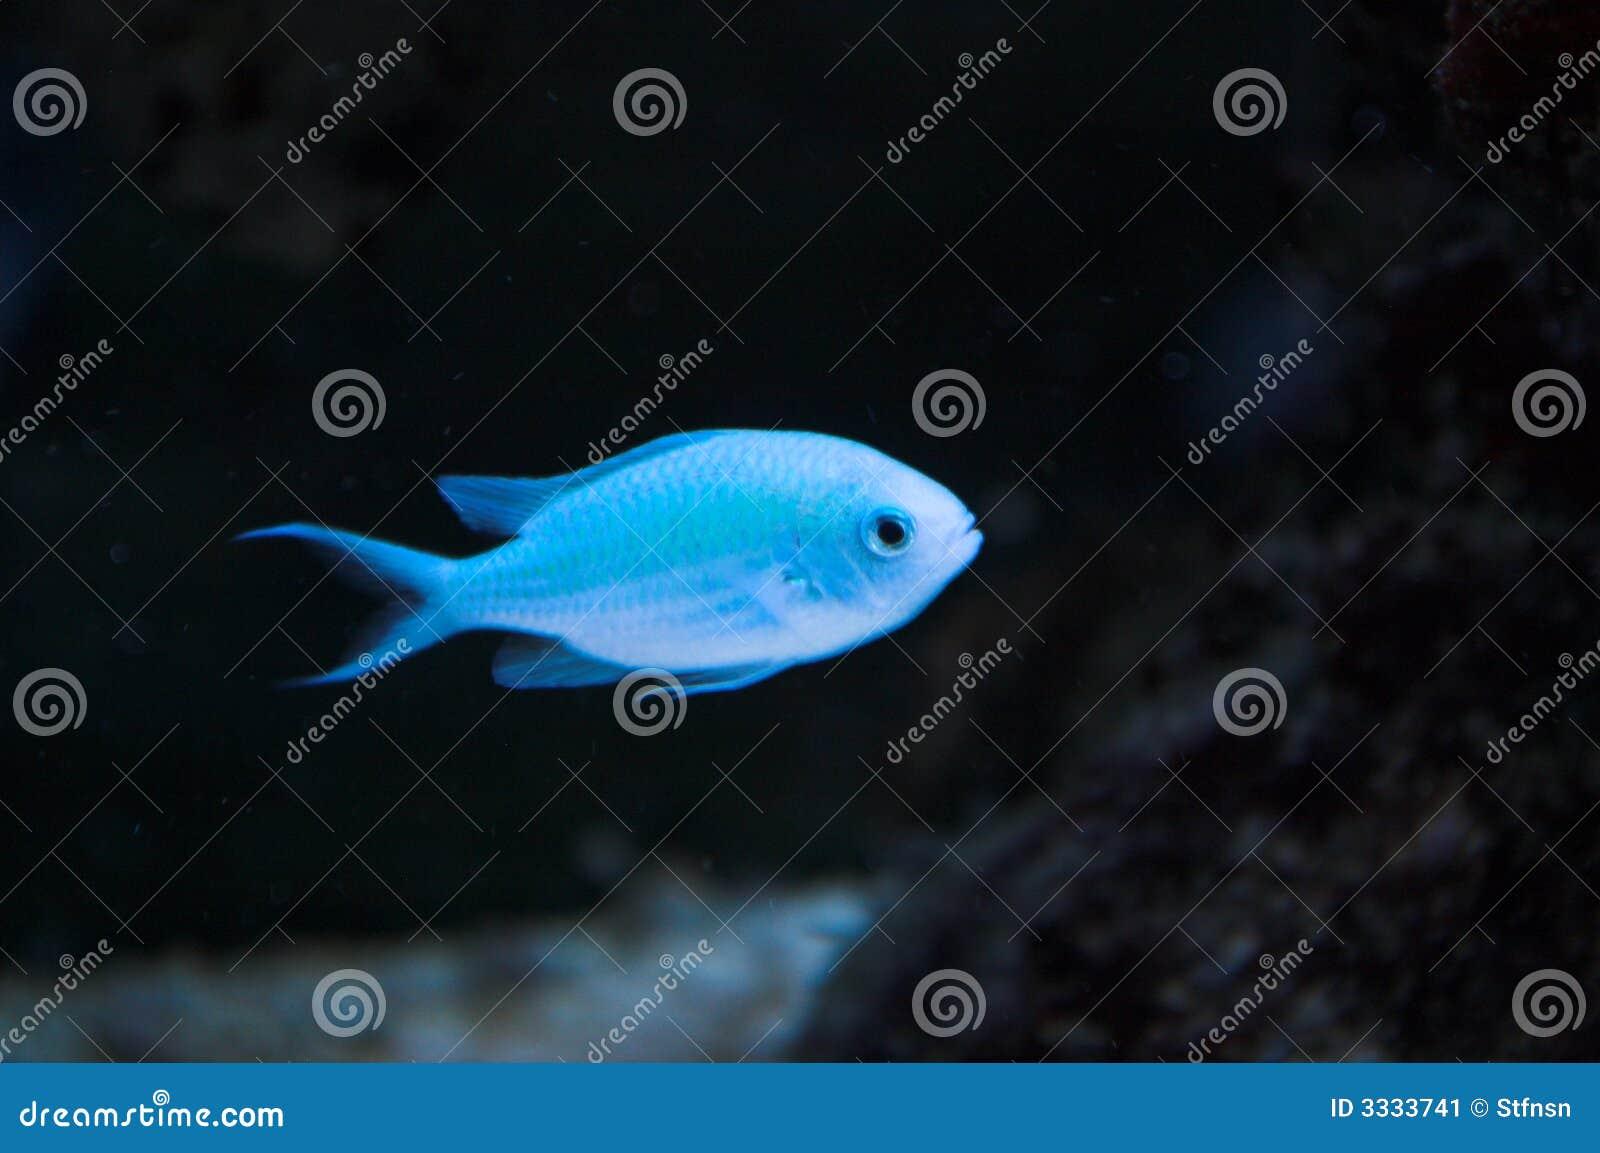 Blue Damsel Fish In Aquarium Stock Image Image 3333741